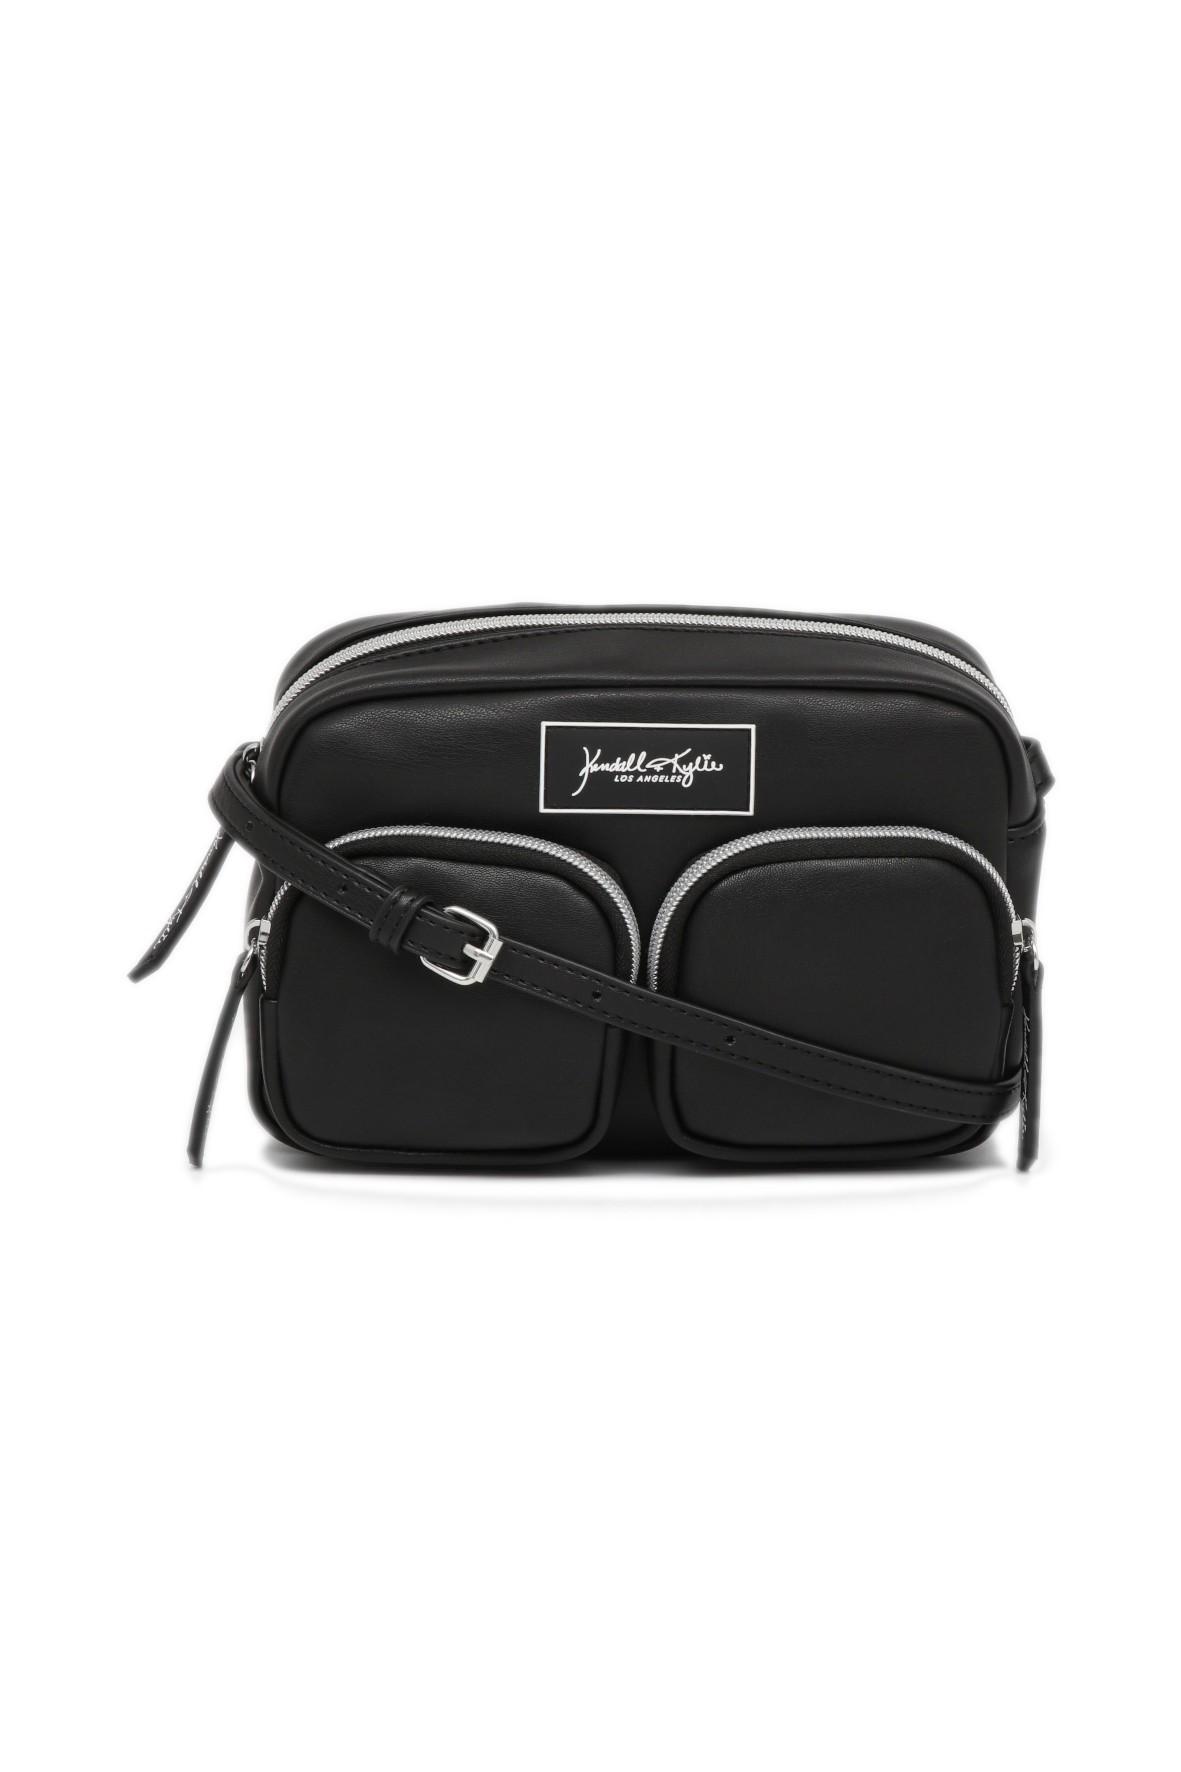 Czarna torebka z ozdobnymi i praktycznymi dwiema zewnętrznymi kieszeniami